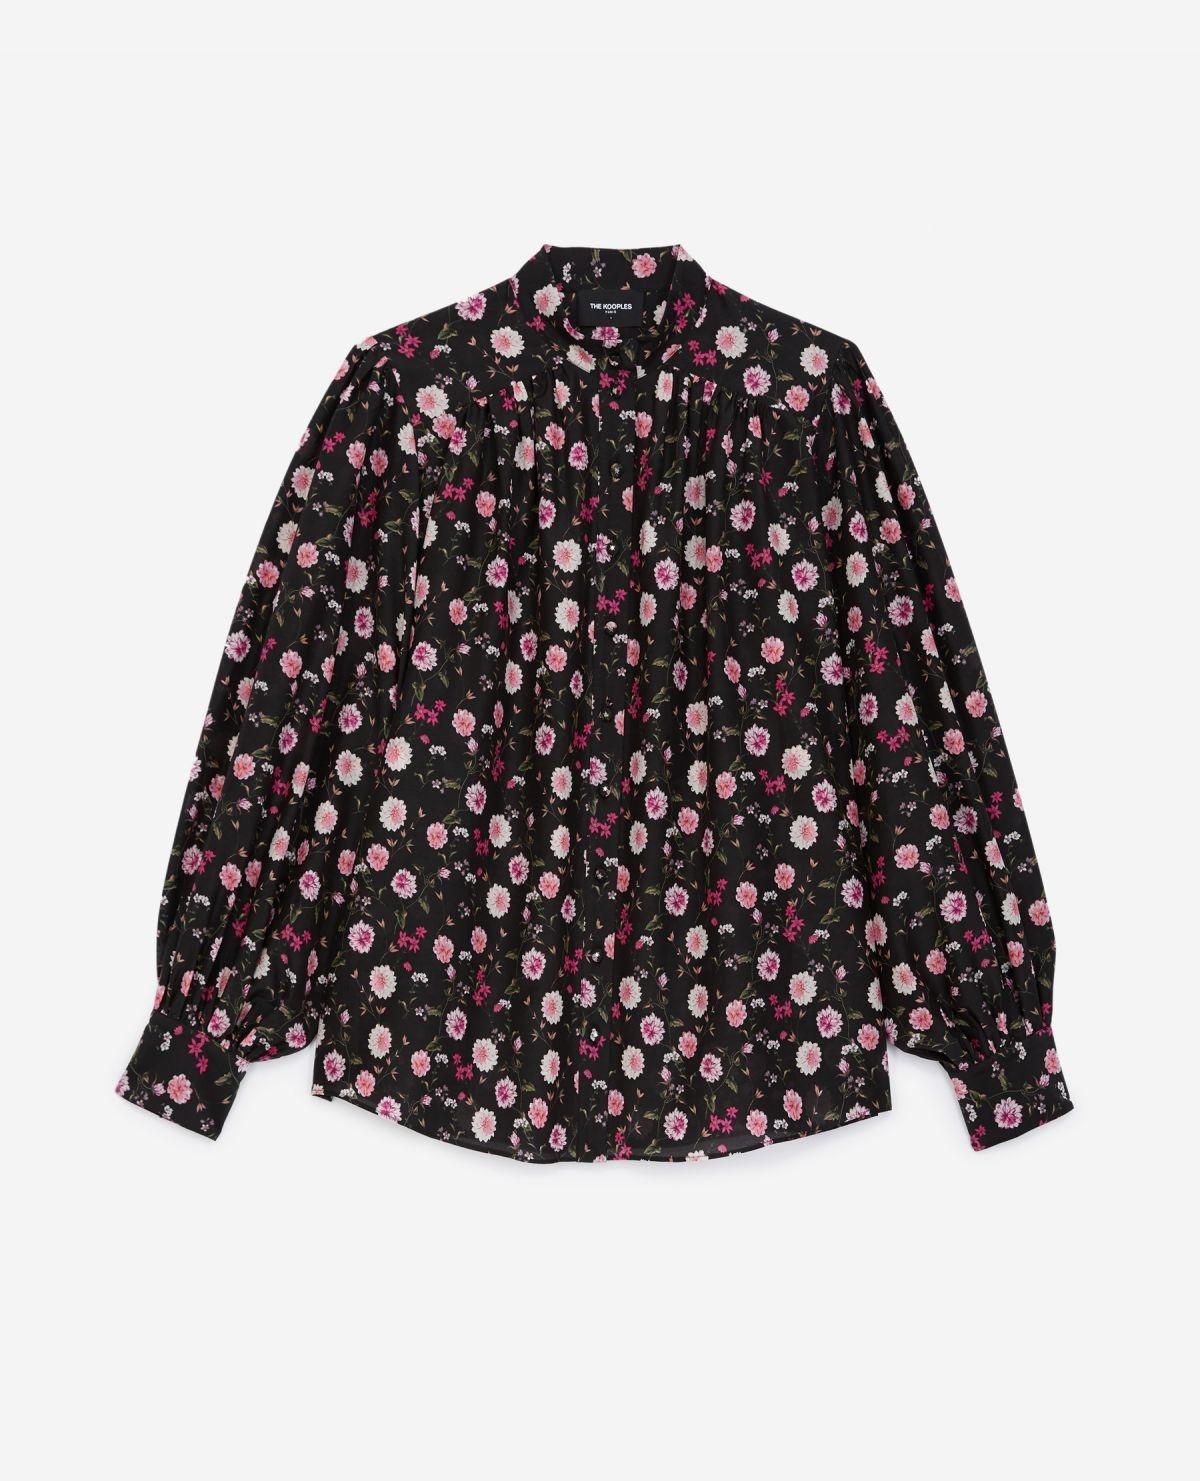 THE KOOPLES chemise-1